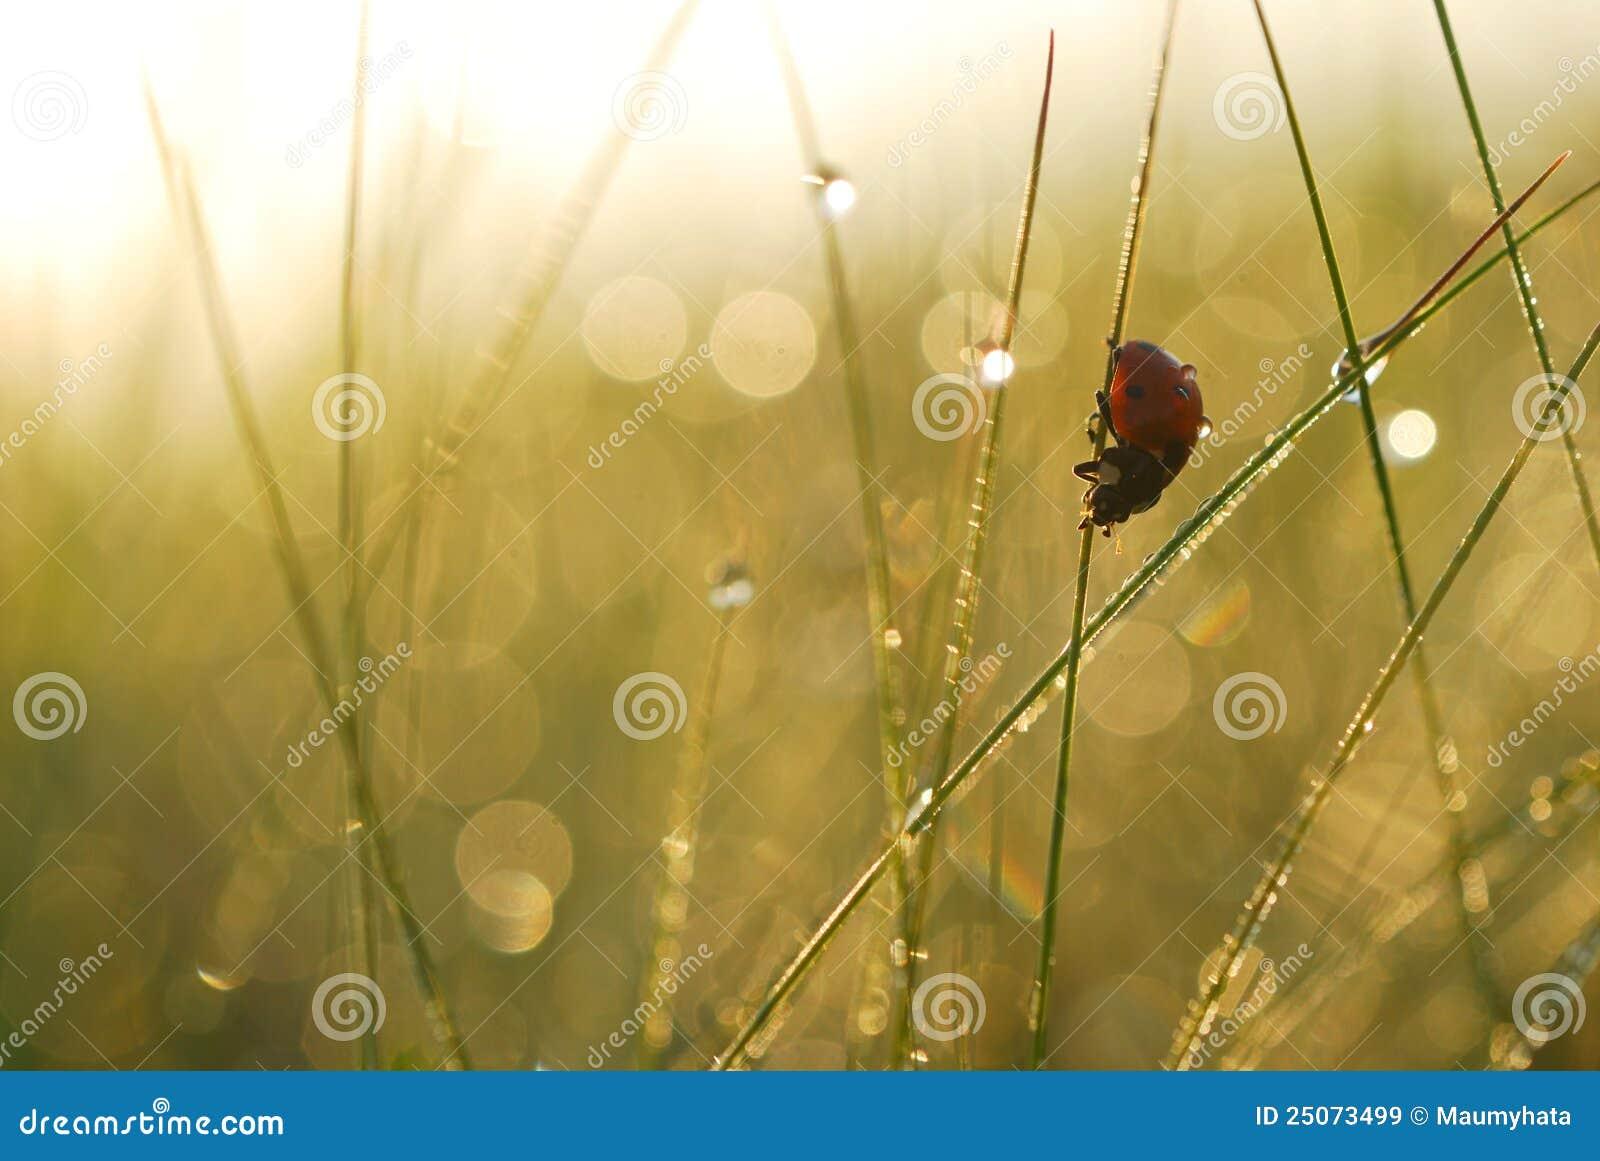 满地露水的草瓢虫